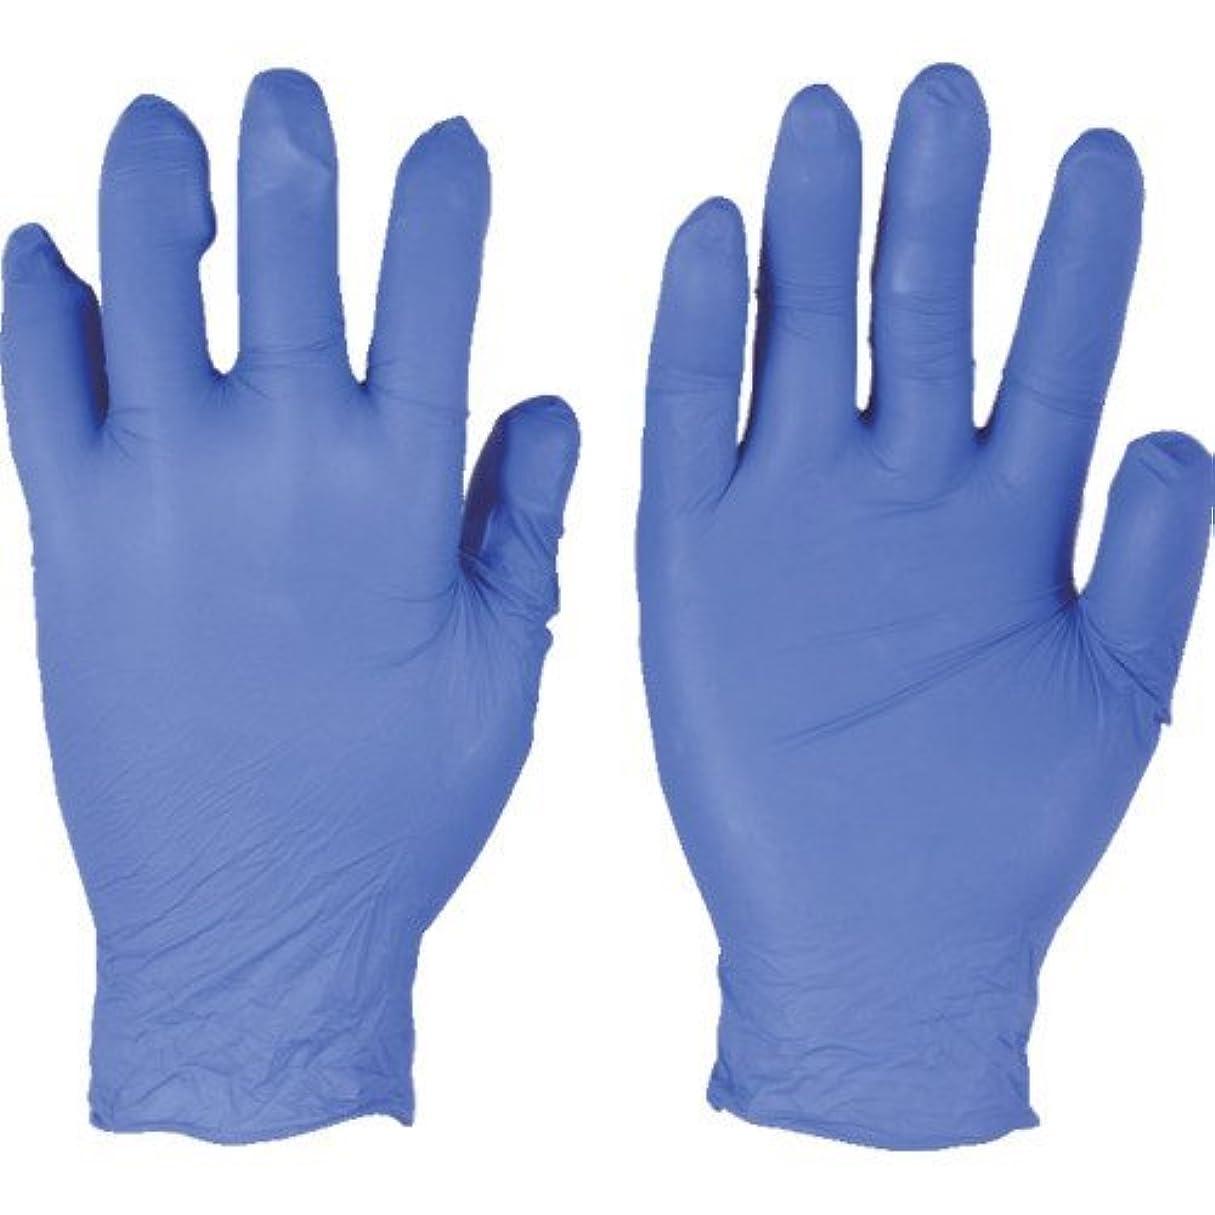 旅行代理店エゴマニア祖母トラスコ中山 アンセル ニトリルゴム使い捨て手袋 エッジ 82-133 Lサイズ(300枚入り)  (300枚入) 821339